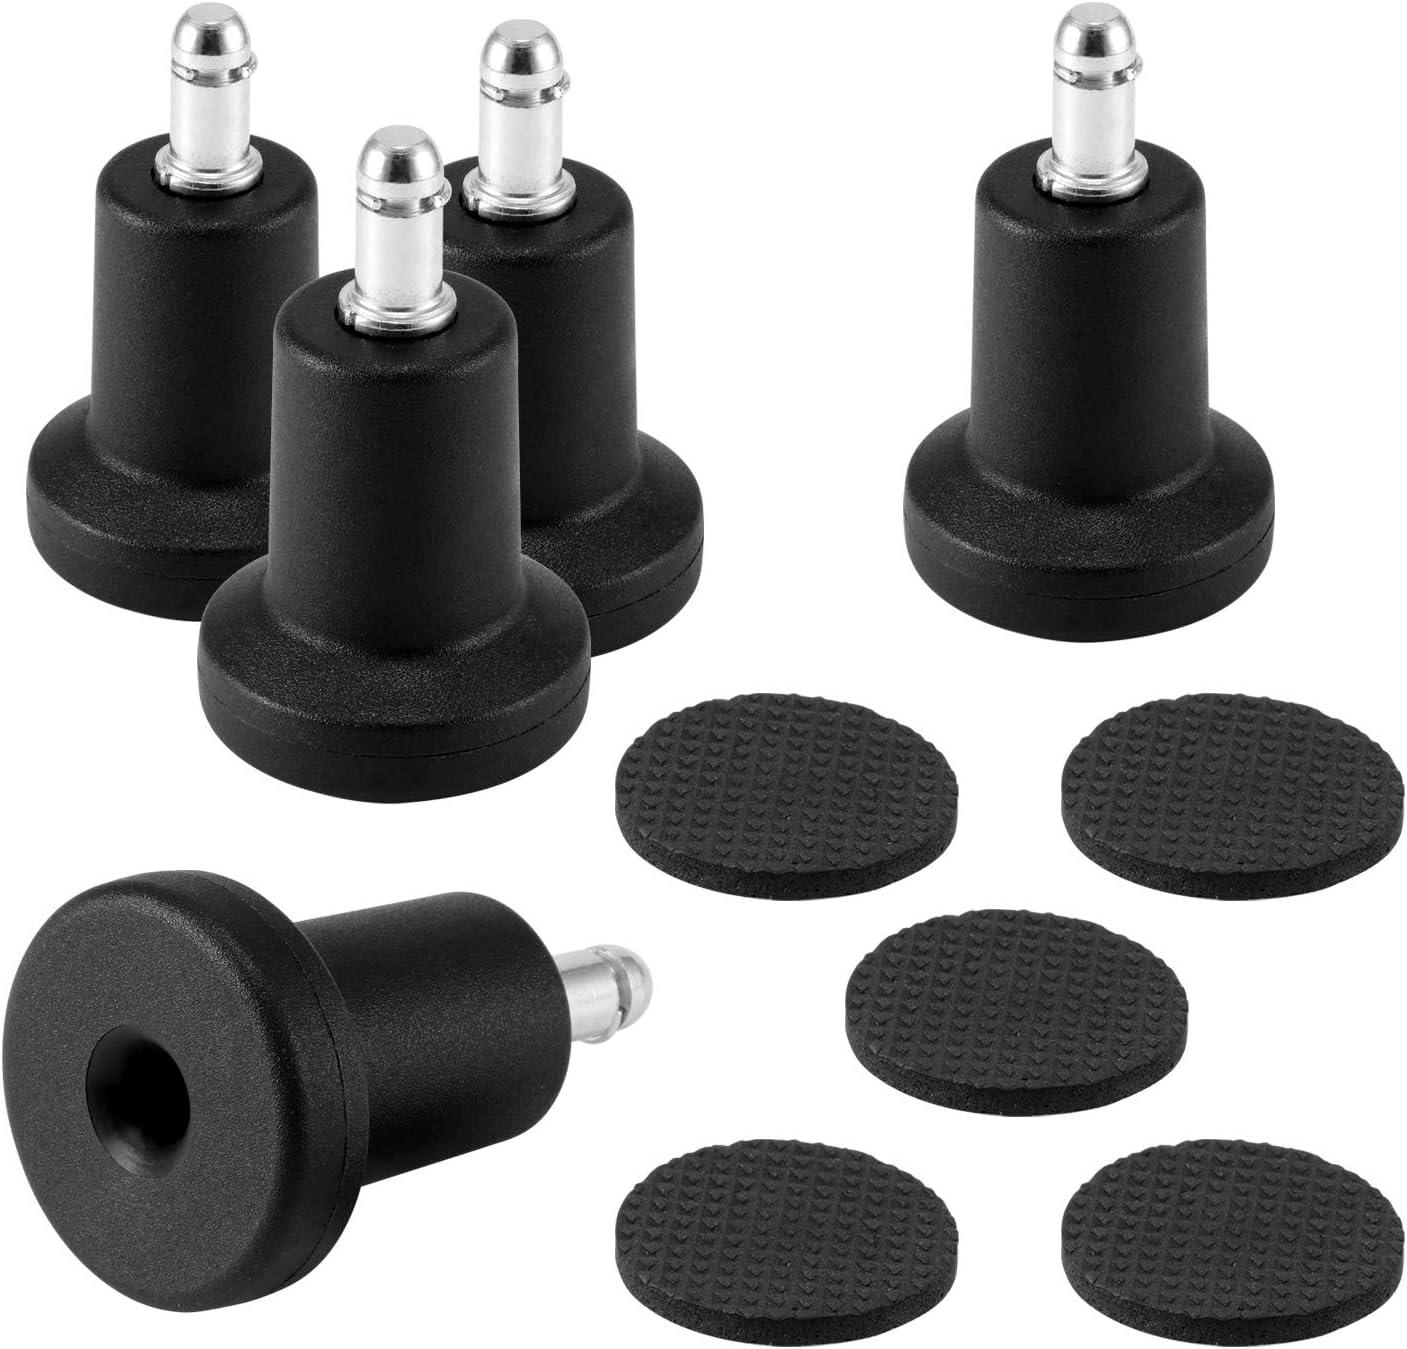 Houkiper - 5 deslizadores de sustitución para ruedas de sillas de oficina, de alto perfil, en forma de campana, con almohadillas de esponja separadas